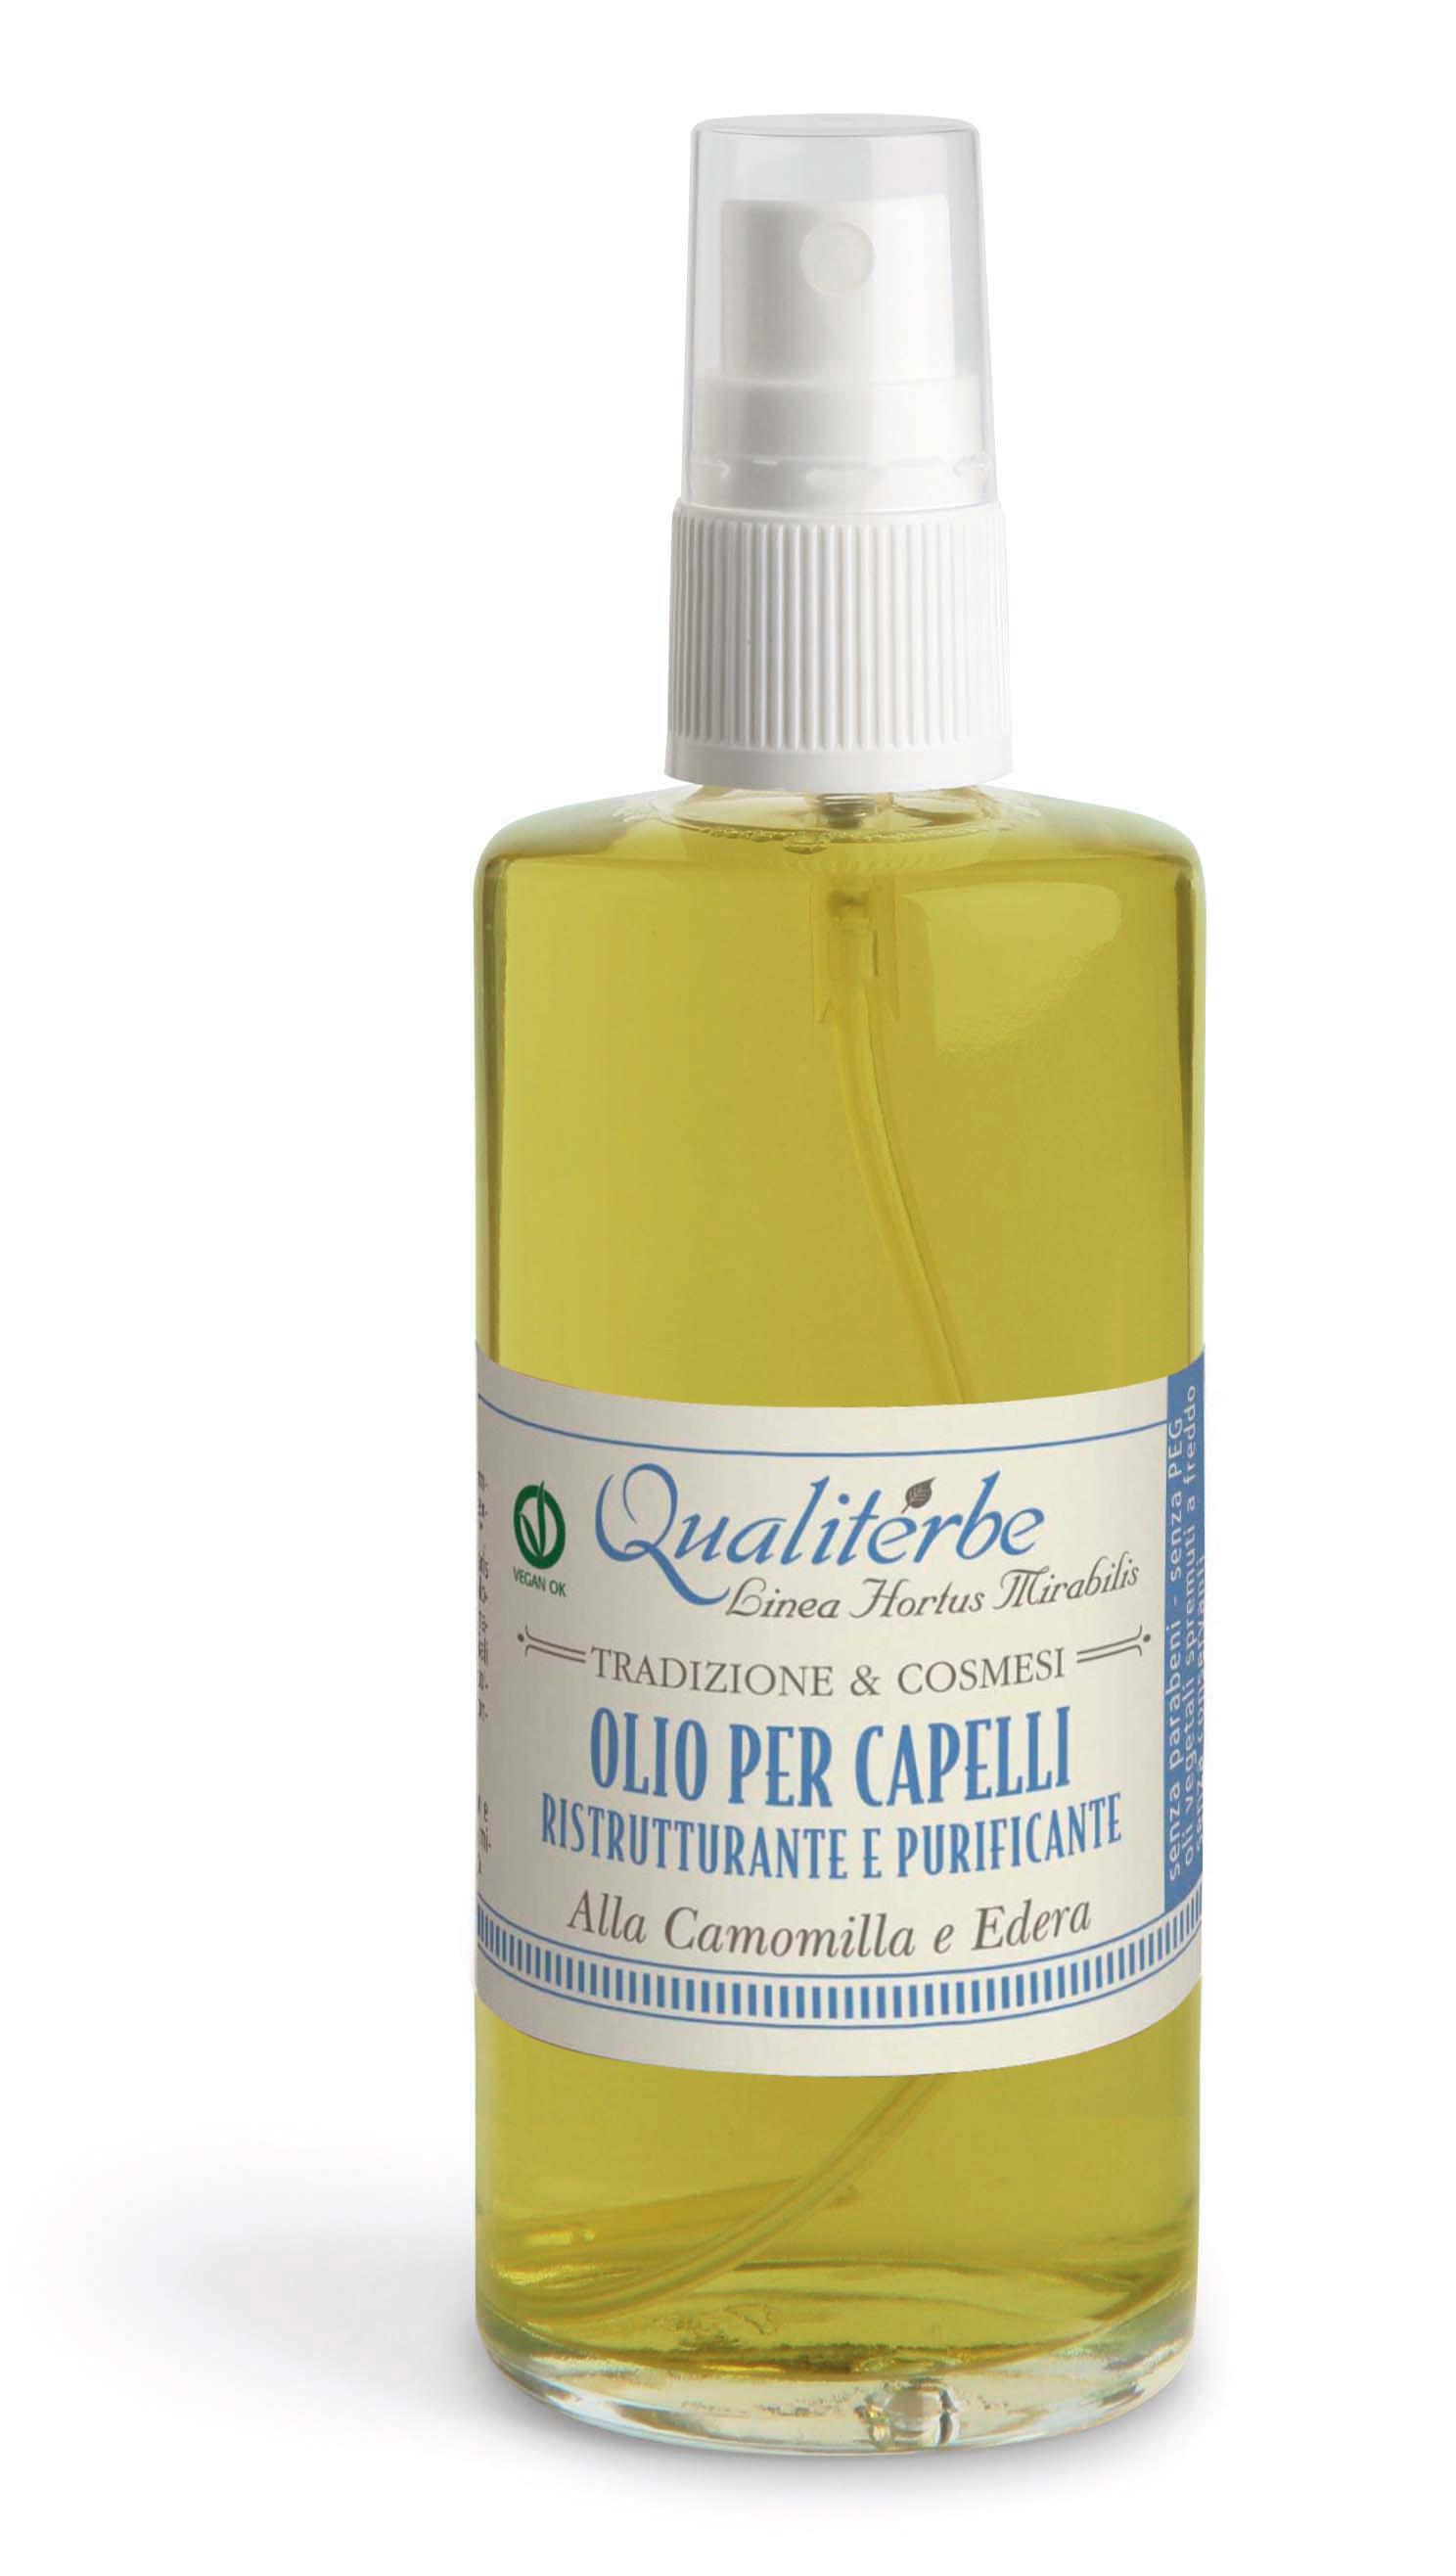 Olio per capelli ristrutturante e purificante alla Camomilla ed Edera a93948aa98e0